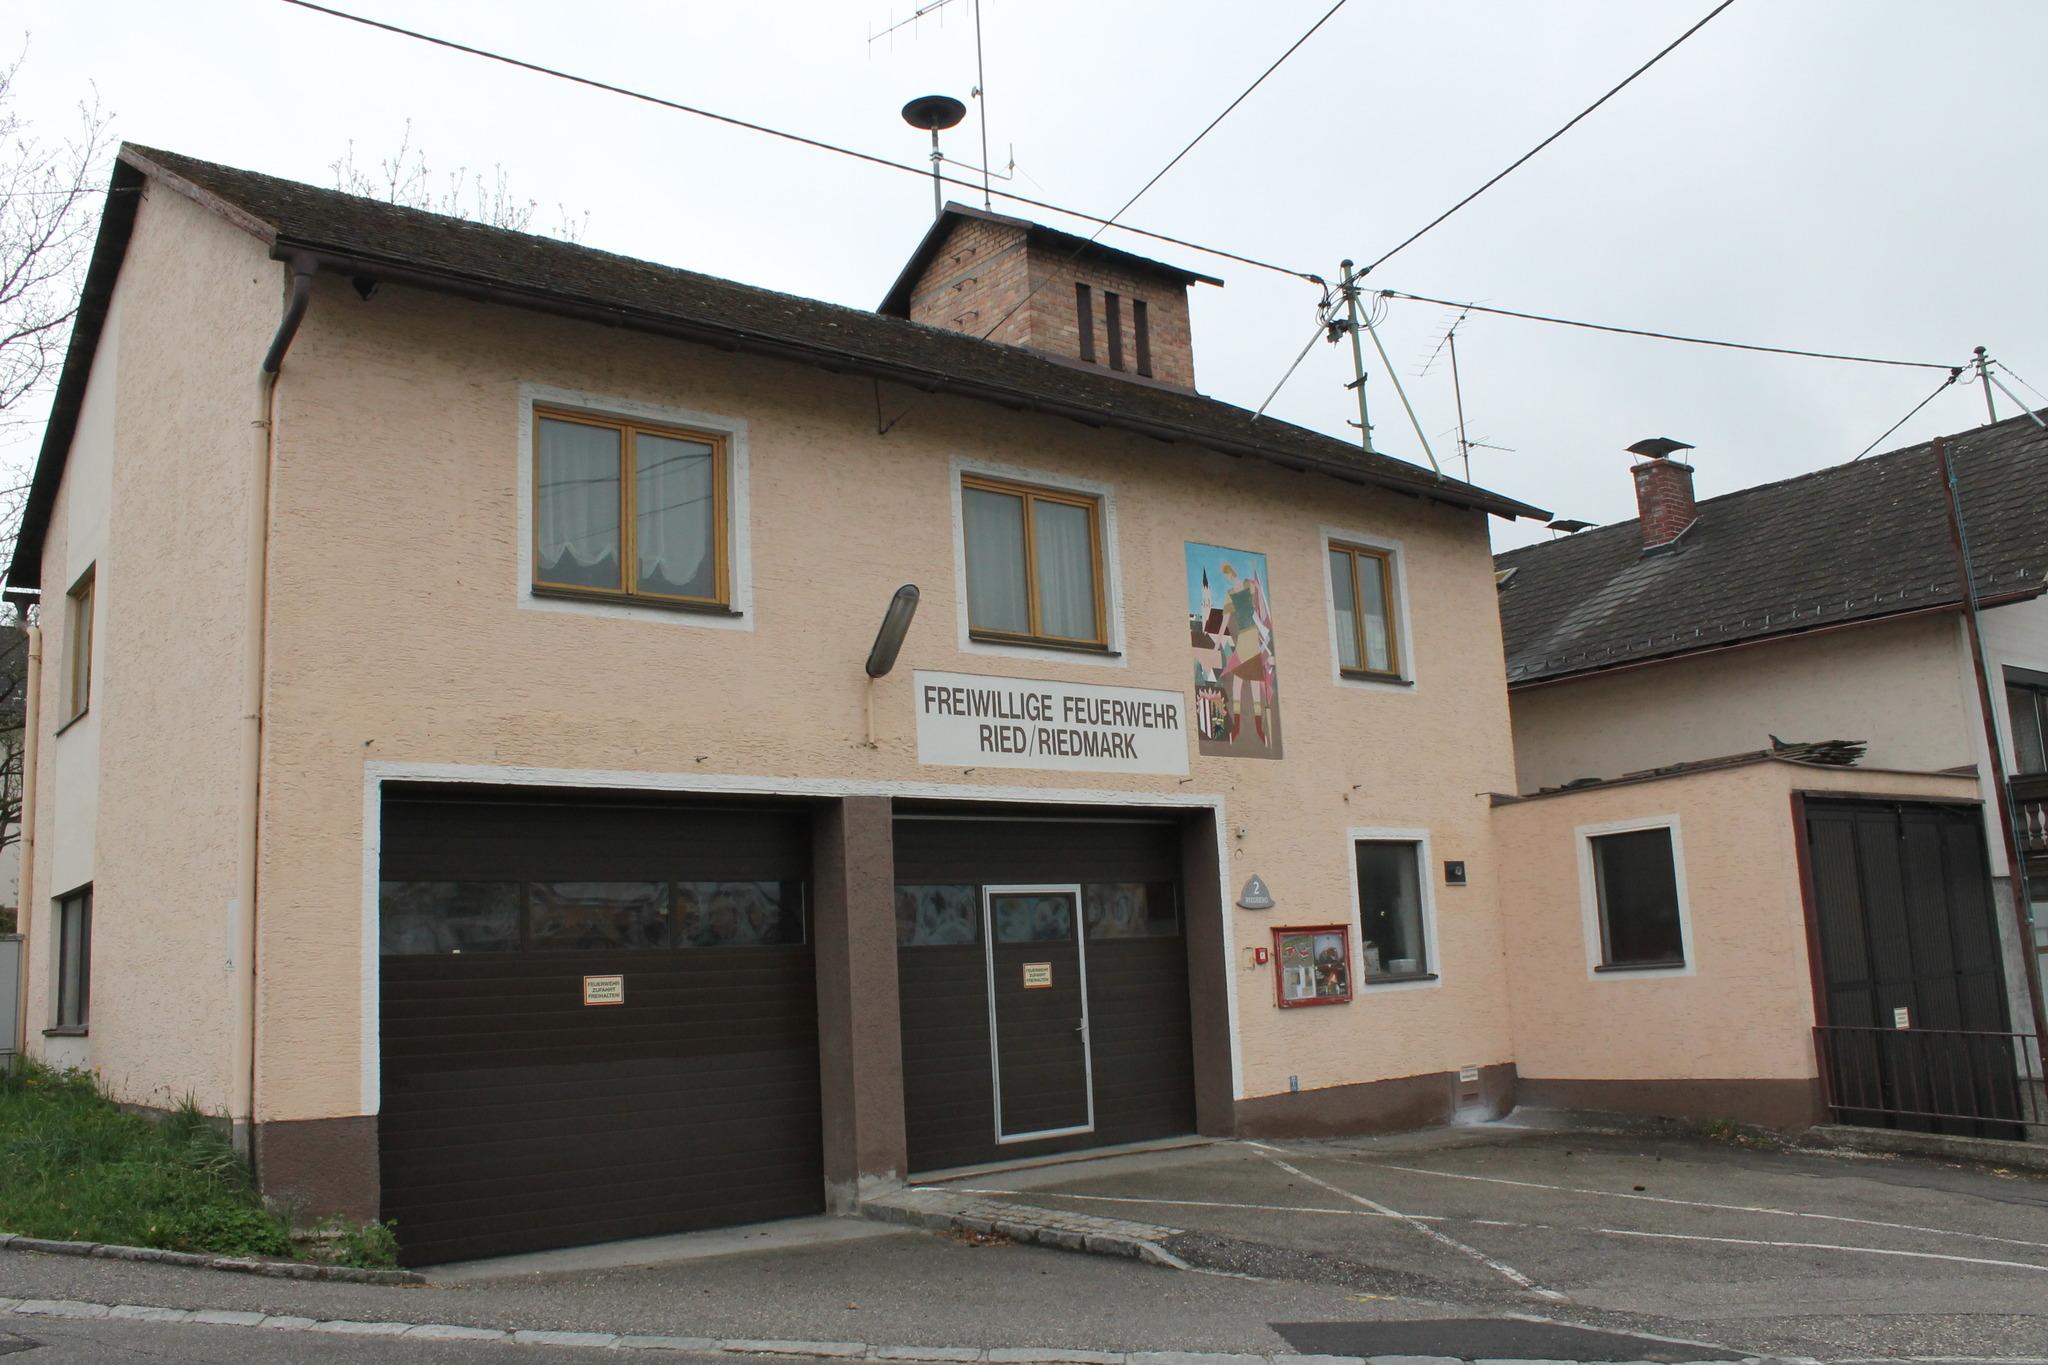 Traktorclub Ried - Ried in der Riedmark - RiS-Kommunal